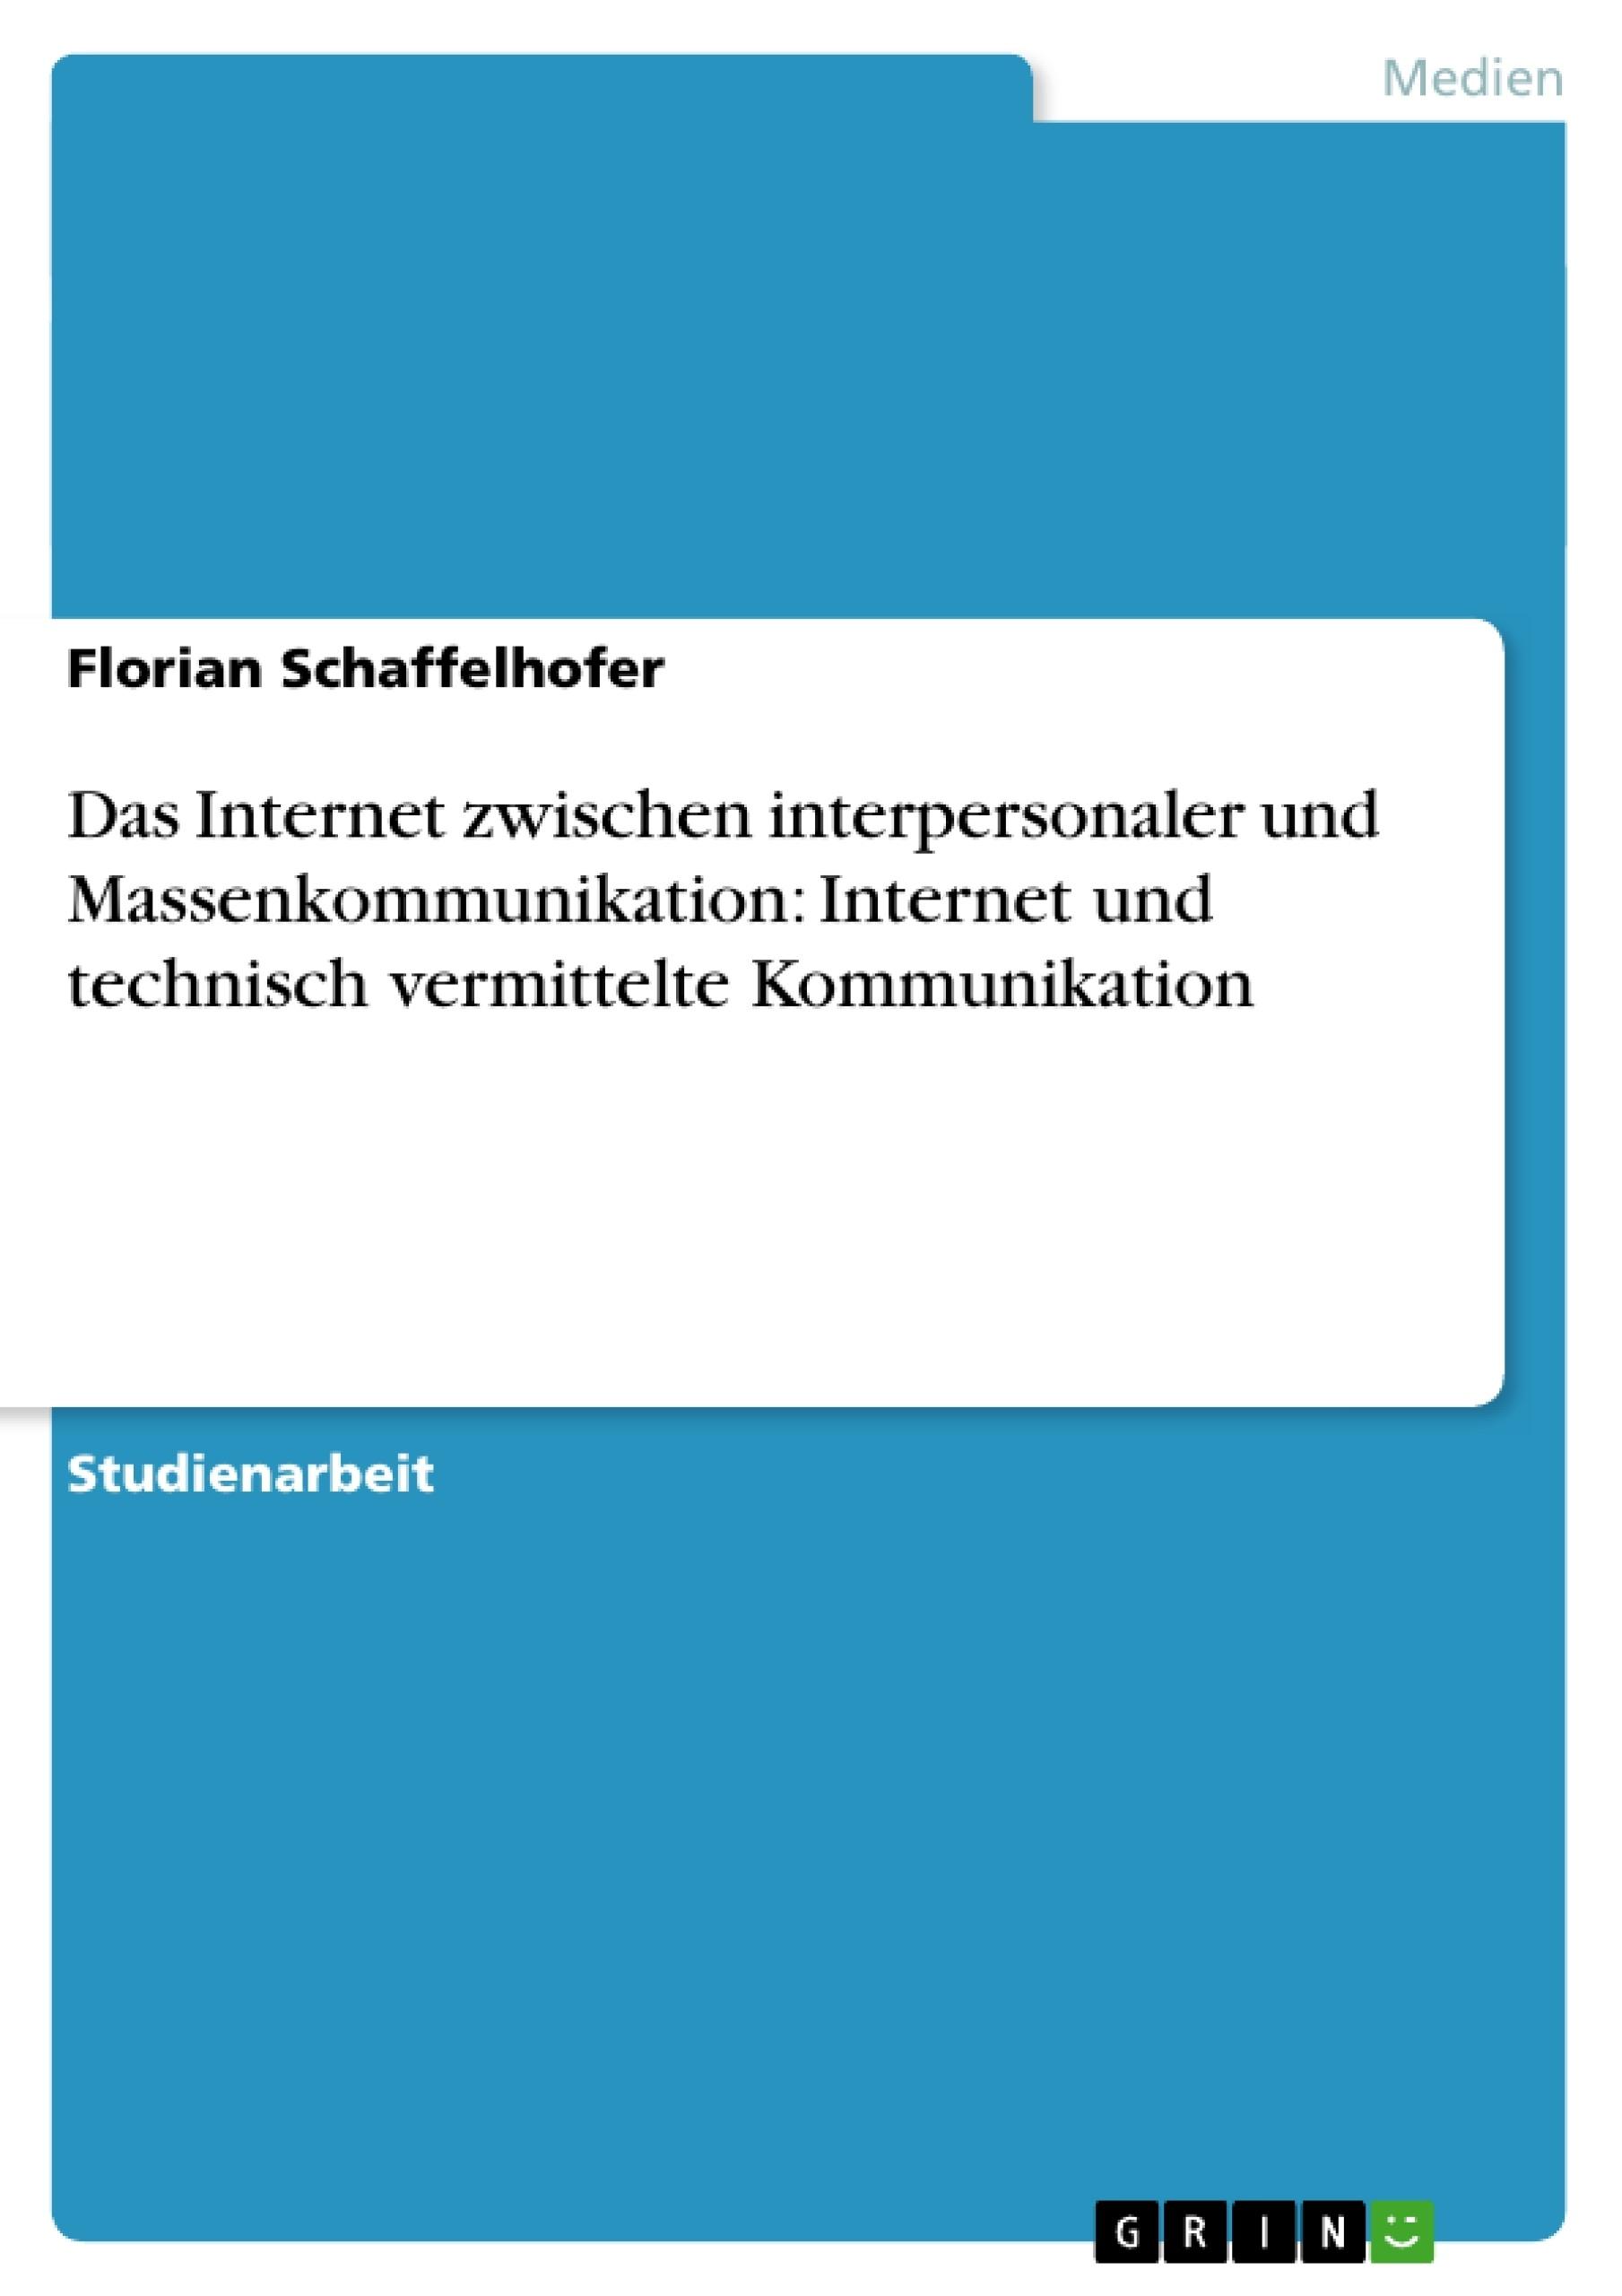 Titel: Das Internet zwischen interpersonaler und Massenkommunikation: Internet und technisch vermittelte Kommunikation